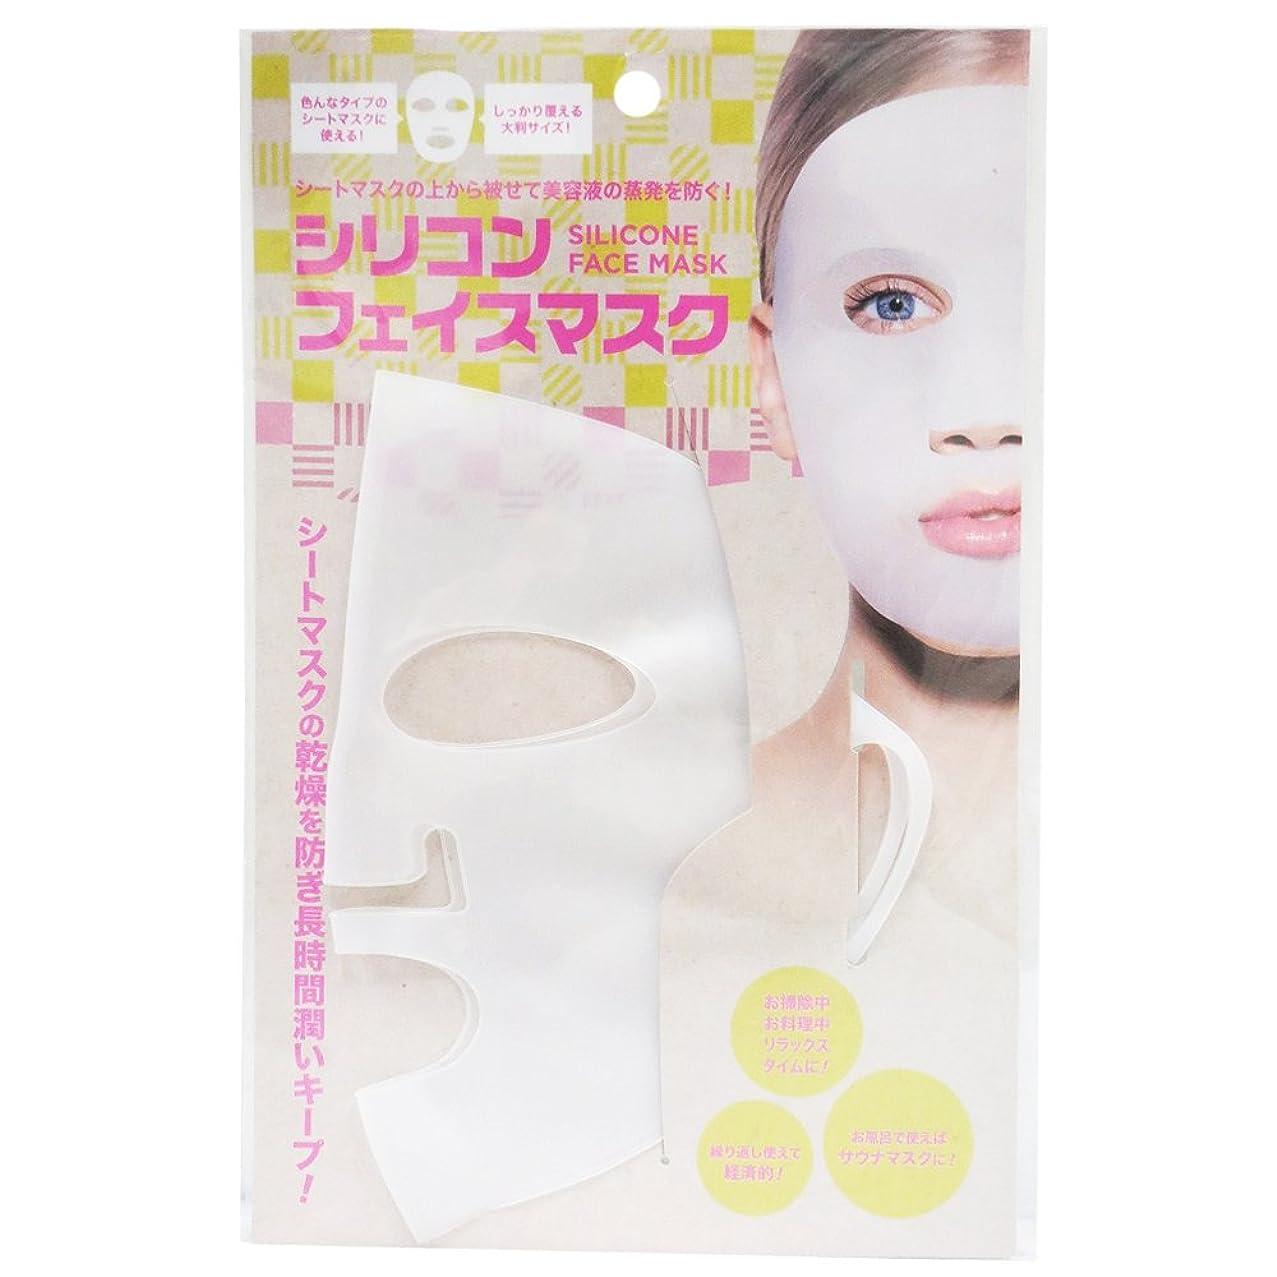 名前で意識ポルティコシリコンフェイスマスク